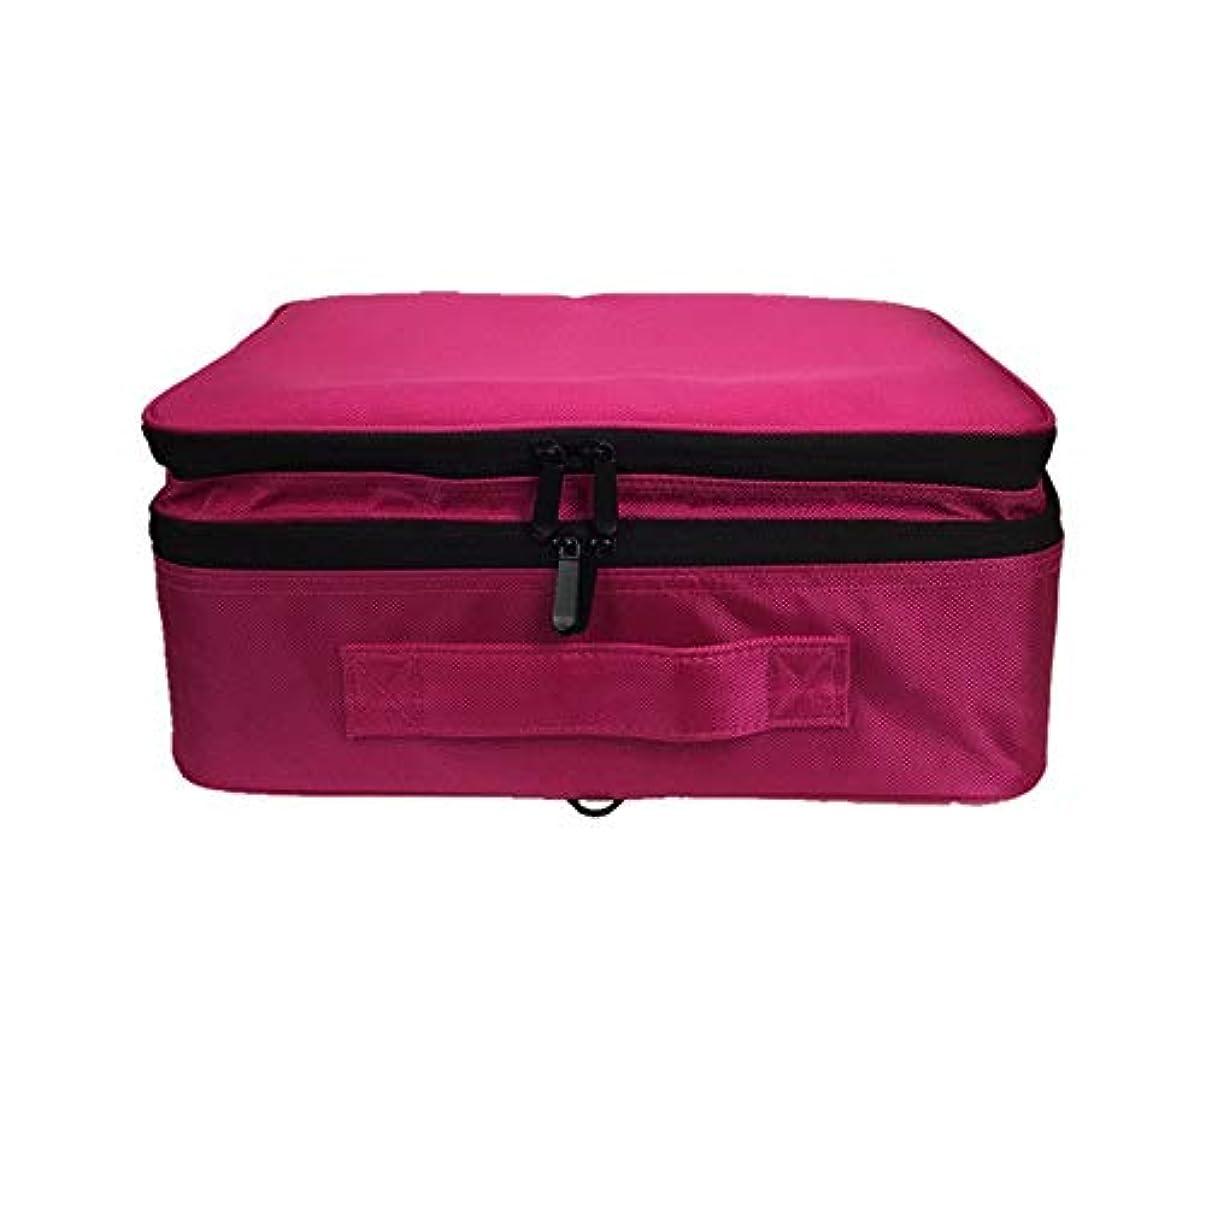 屋内でのため誓う化粧オーガナイザーバッグ 調整可能な仕切り付き防水メイクアップバッグ旅行化粧ケースブラシホルダー 化粧品ケース (色 : 赤)